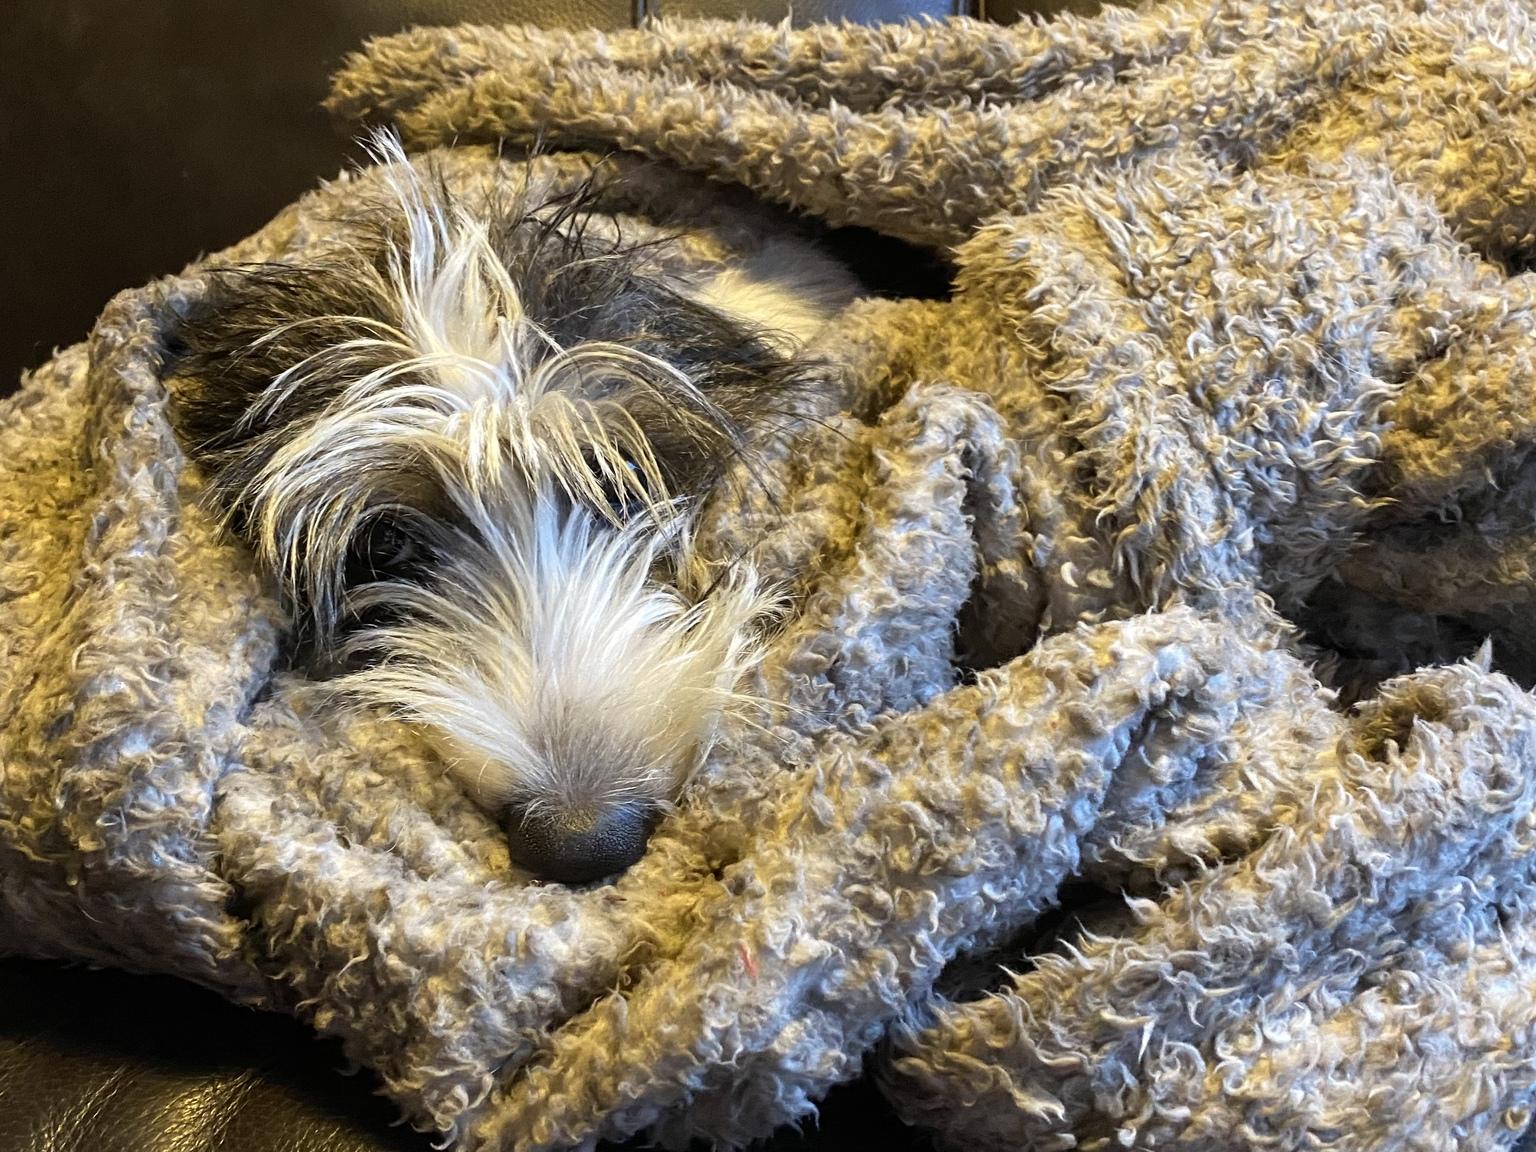 Ingepakt - Ingepakt pupje op de bank - foto door aartvanwijk op 11-04-2021 - locatie: Enkhuizen, Nederland - deze foto bevat: puppy, carnivoor, snuit, detailopname, hondenras, vacht, elektrisch blauw, metgezel hond, roofvogel, sportieve groep, terriër